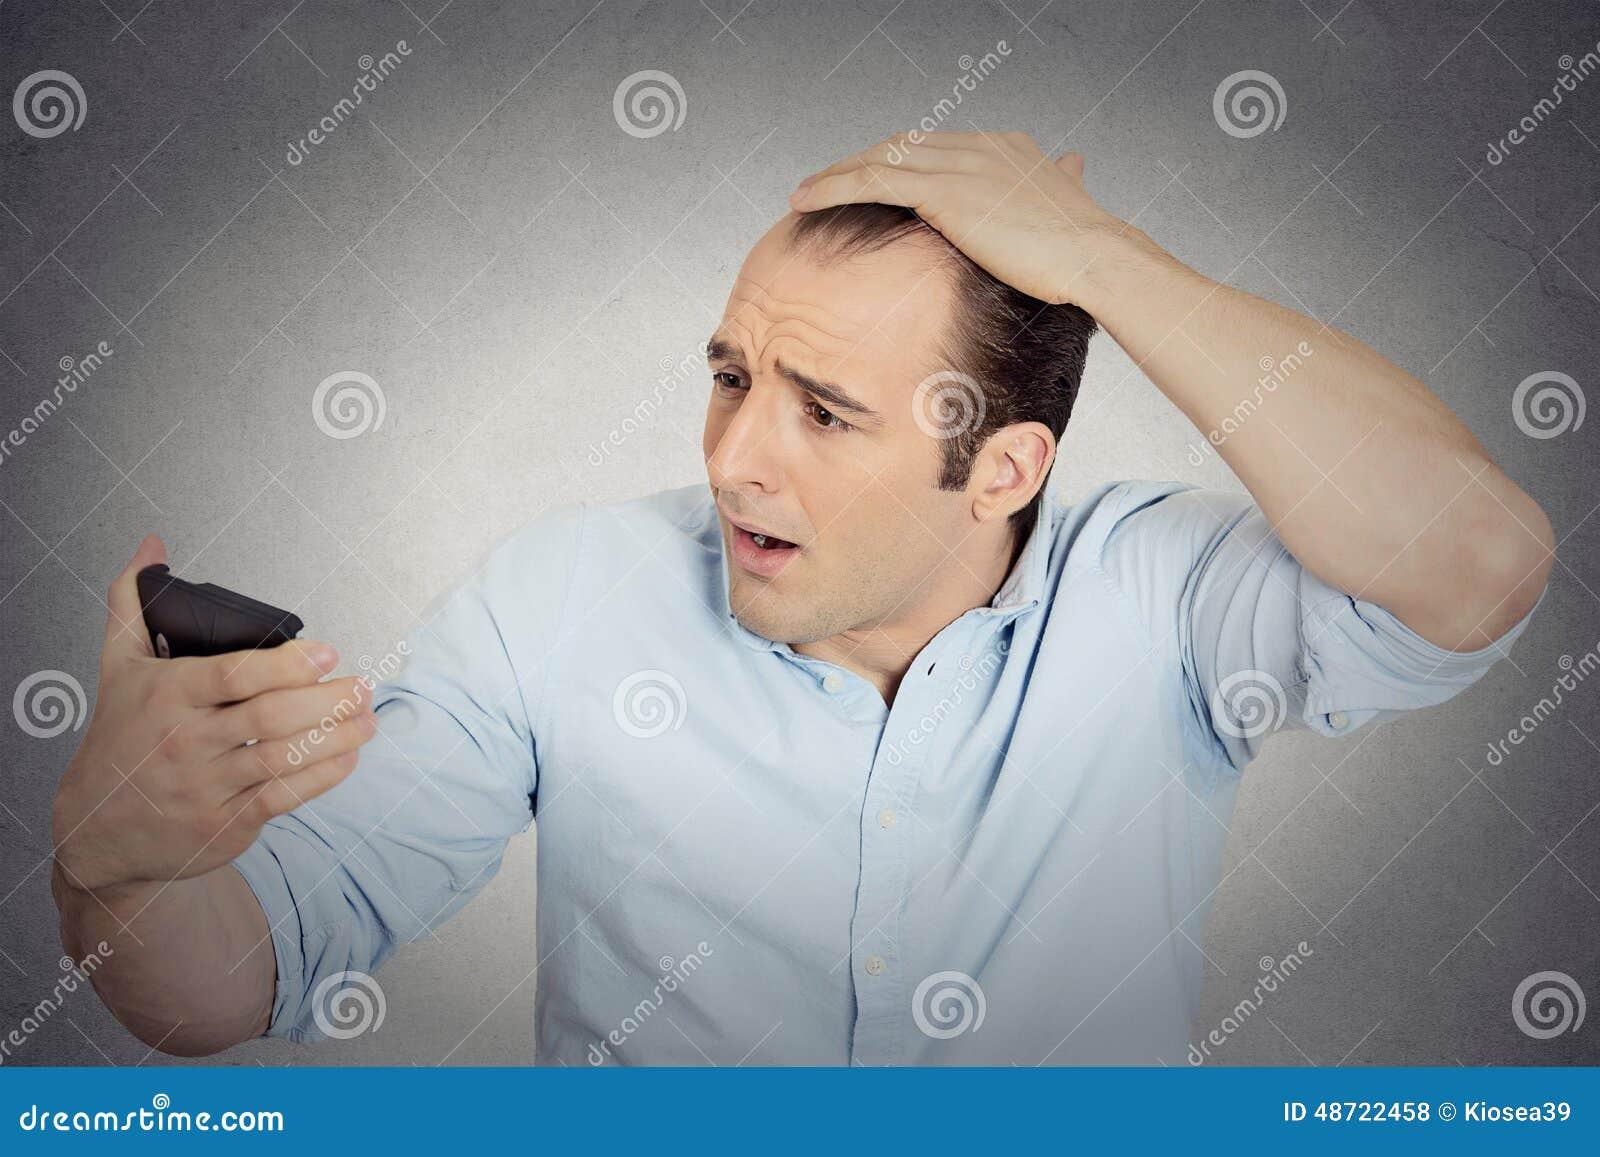 tte-choque-de-sentiment-d-homme-tonne-il-est-les-cheveux-perdants-48722458